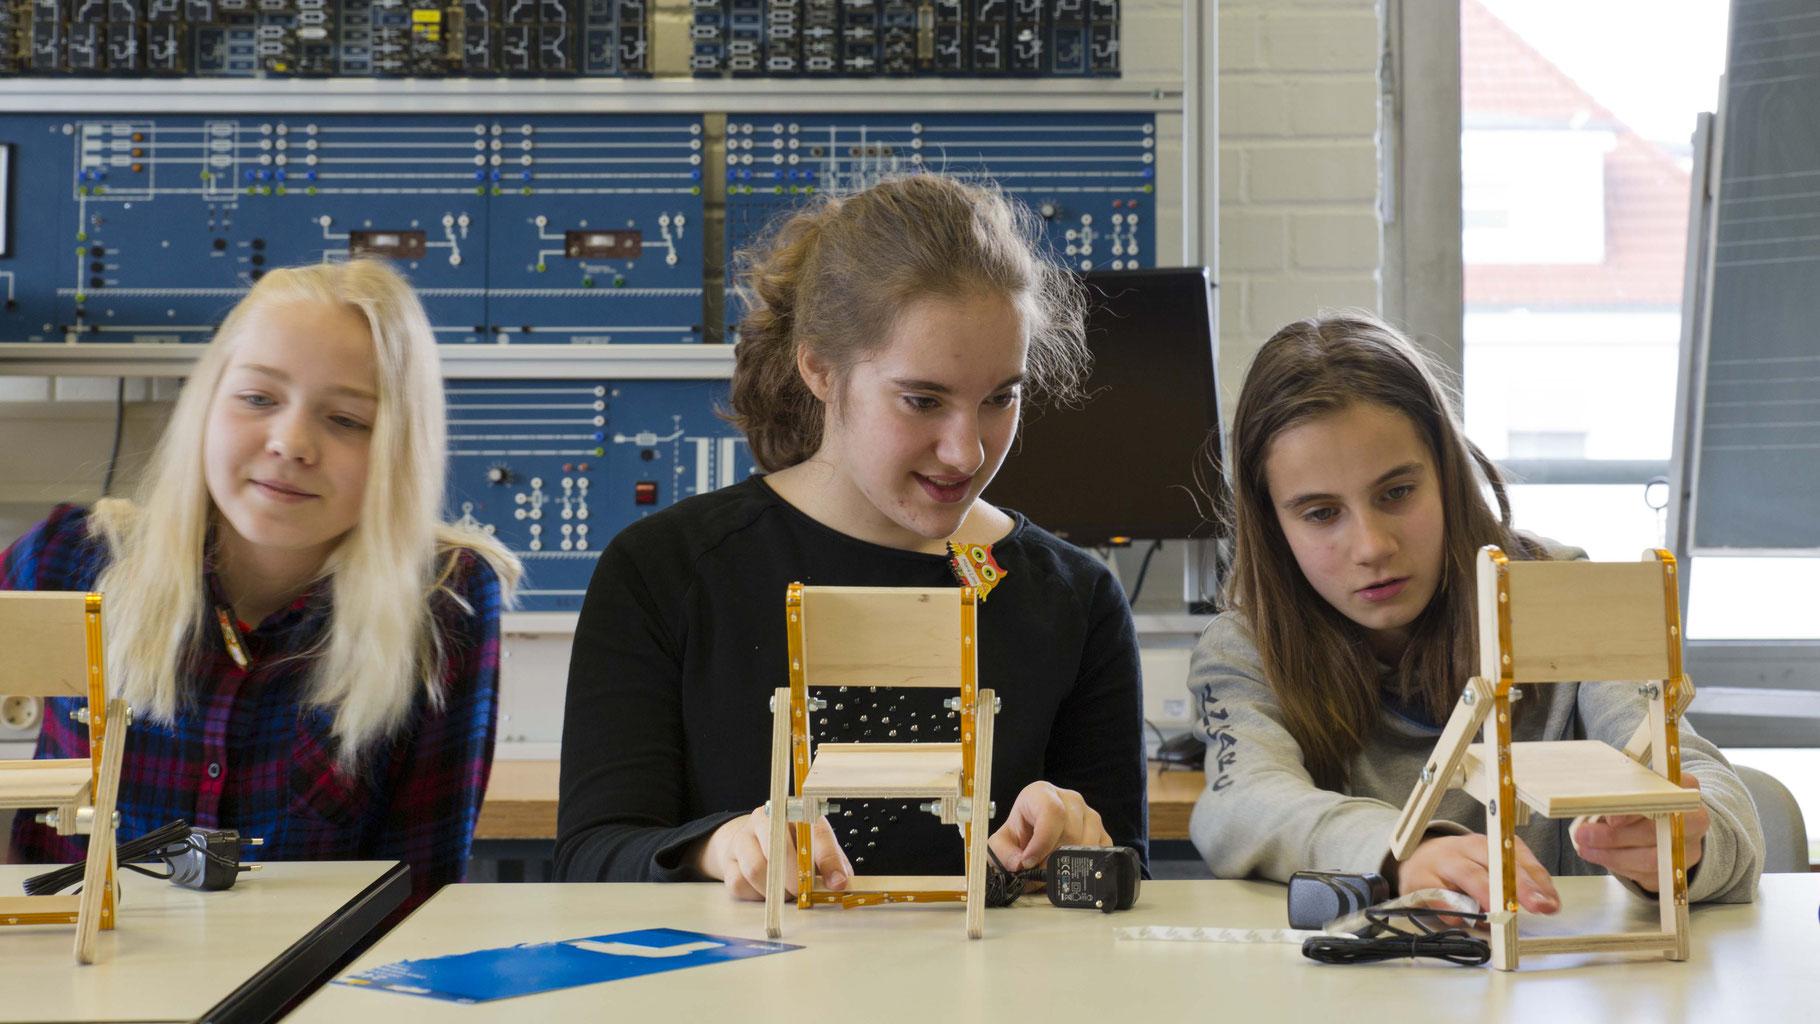 """Drei """"Girls"""" beim konstruieren einer Ladestation für das Handy"""